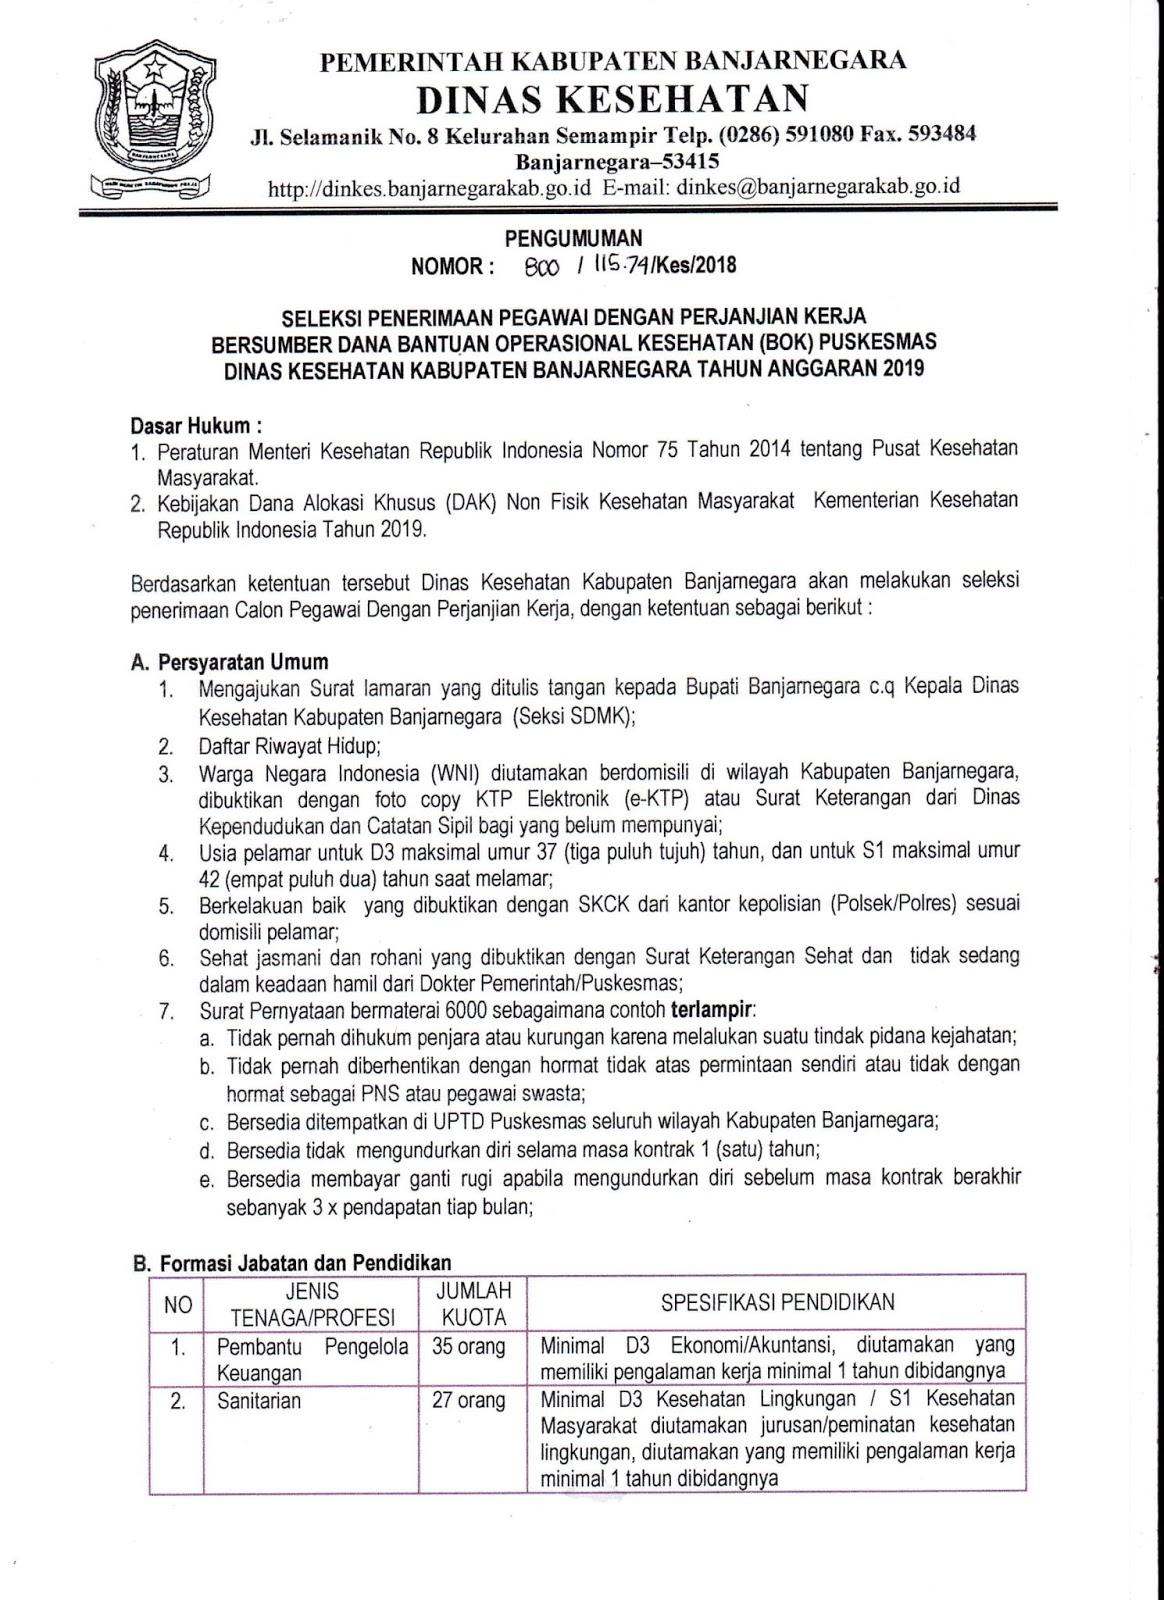 Rekrutmen Dinas Kesehatan Kabupaten Banjamegara 140 Orang Rekrutmen Lowongan Kerja Bulan Januari 2021